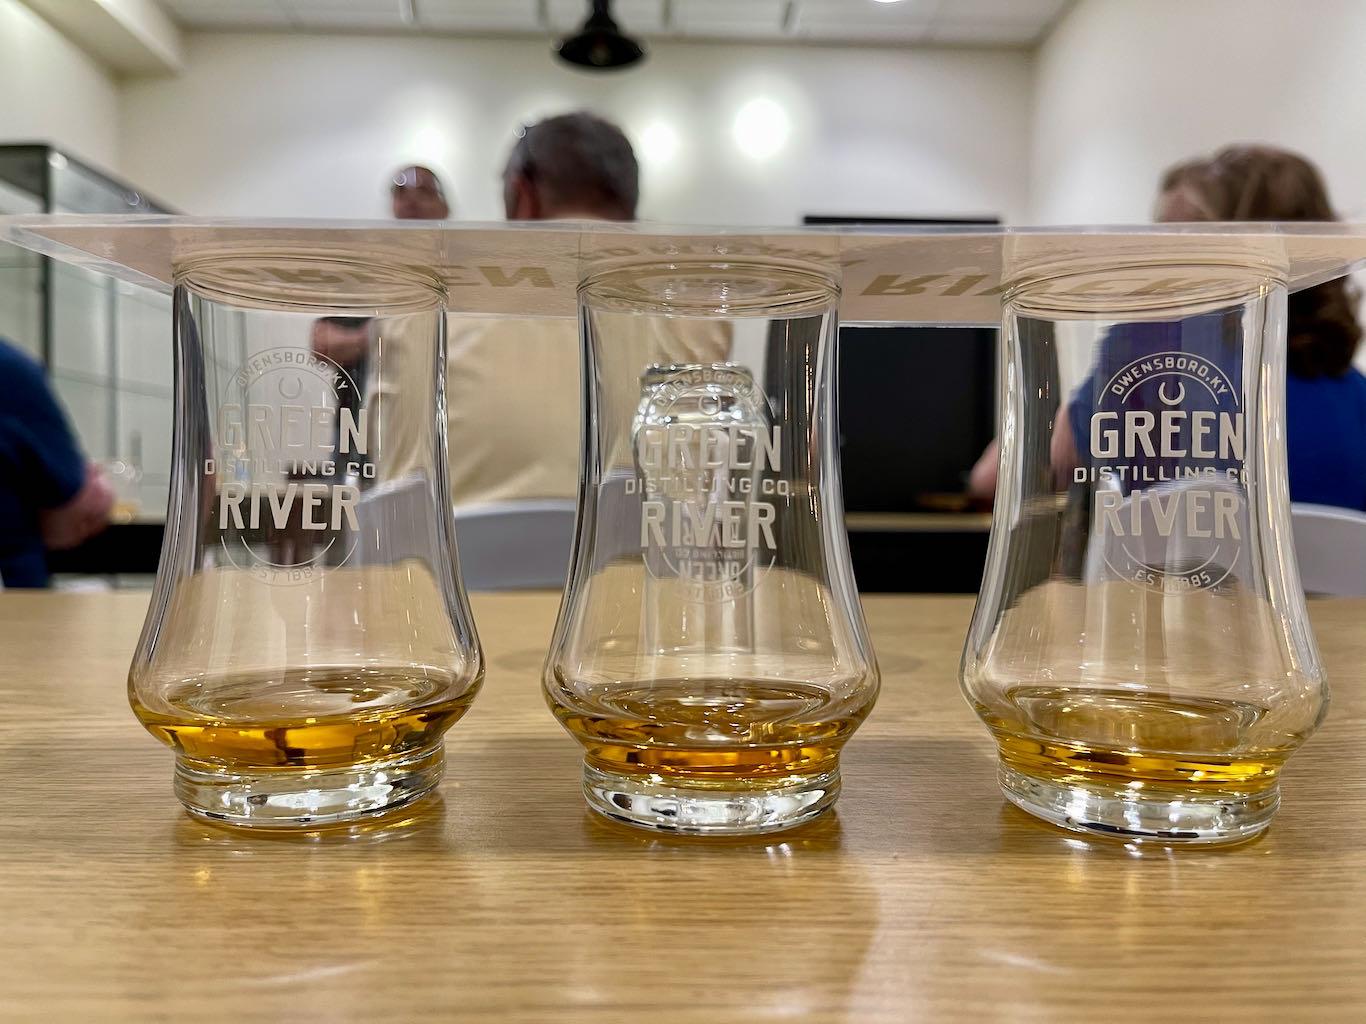 Tasting - Green River Distilling Co